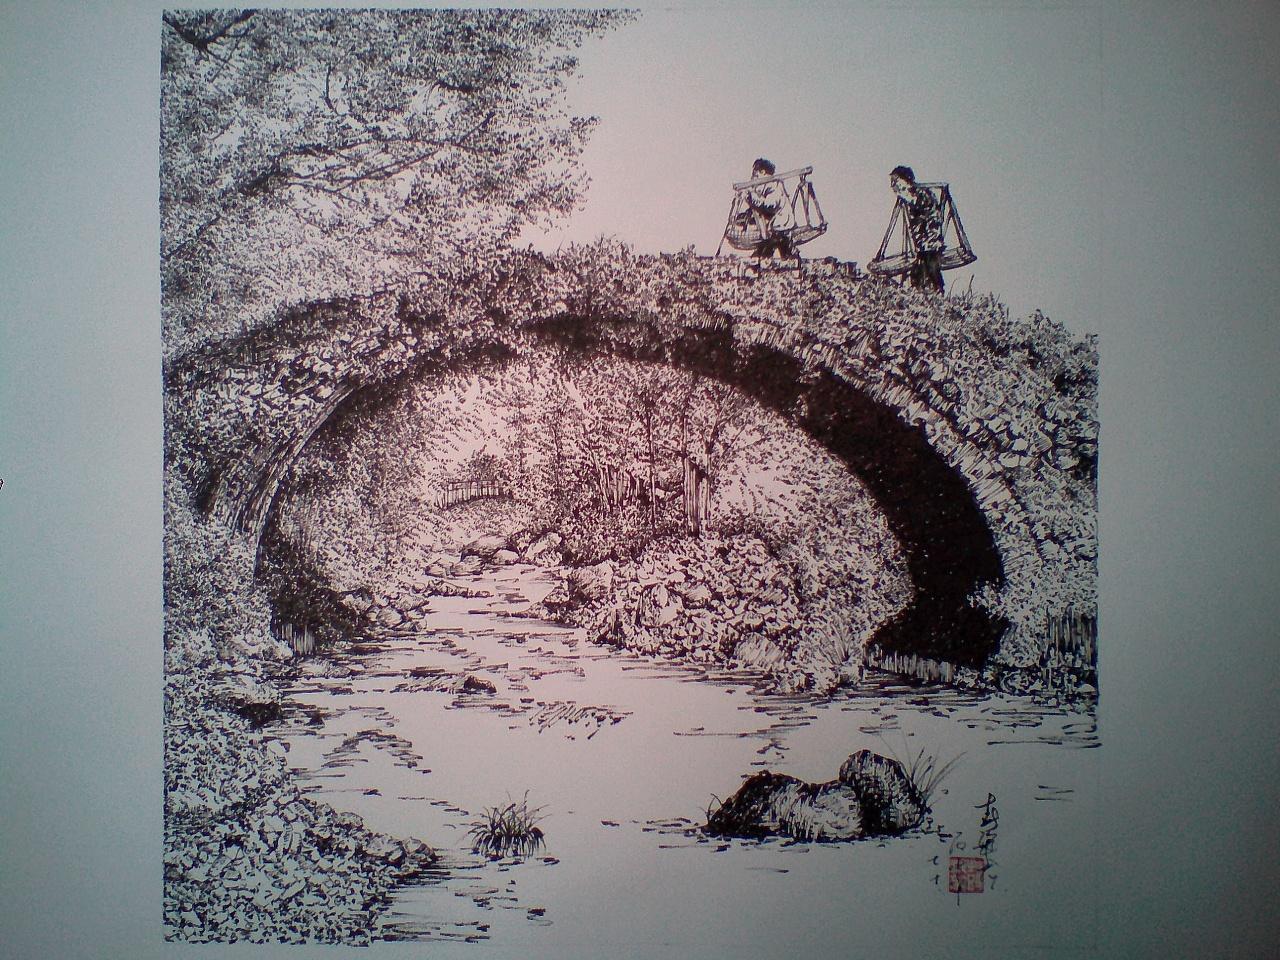 古迹,断桥,便如人生断点